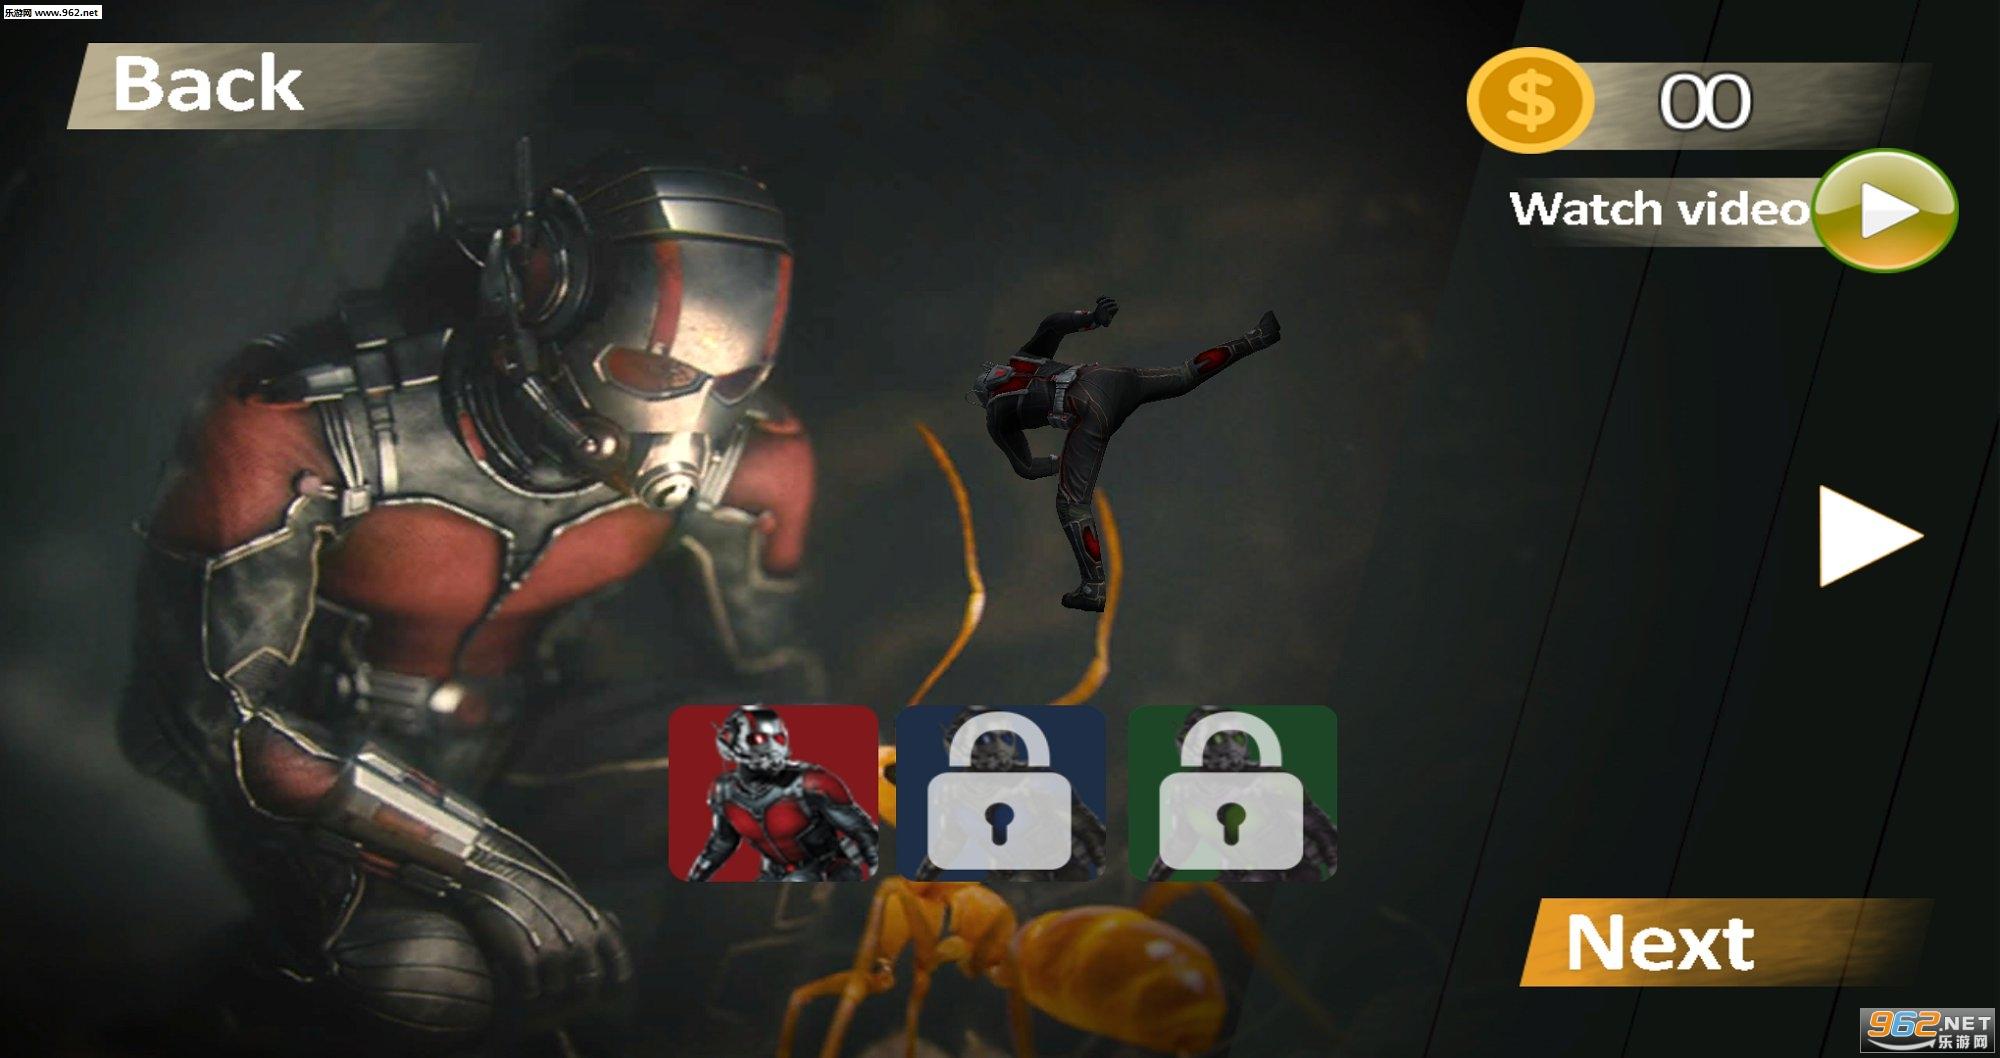 超级英雄救援蚁人与黄蜂女无限金币破解版v1.0截图0